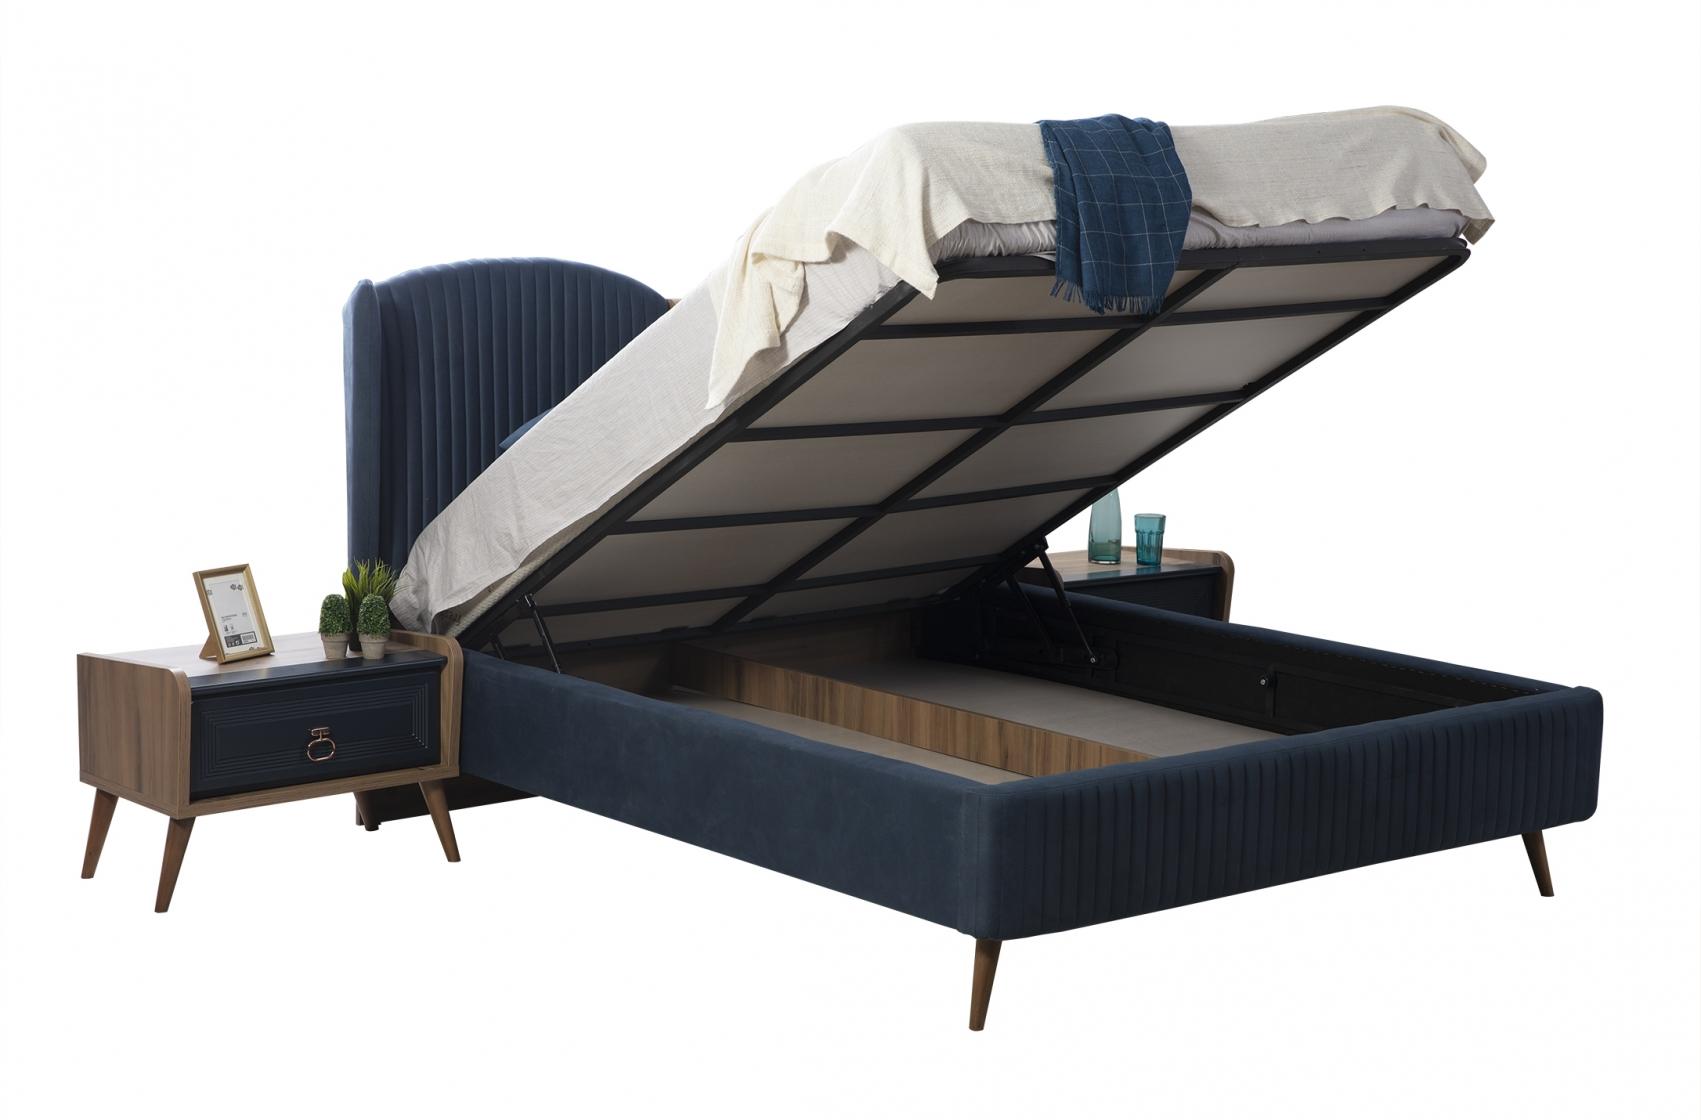 yonca antrasit yatak odası (9)